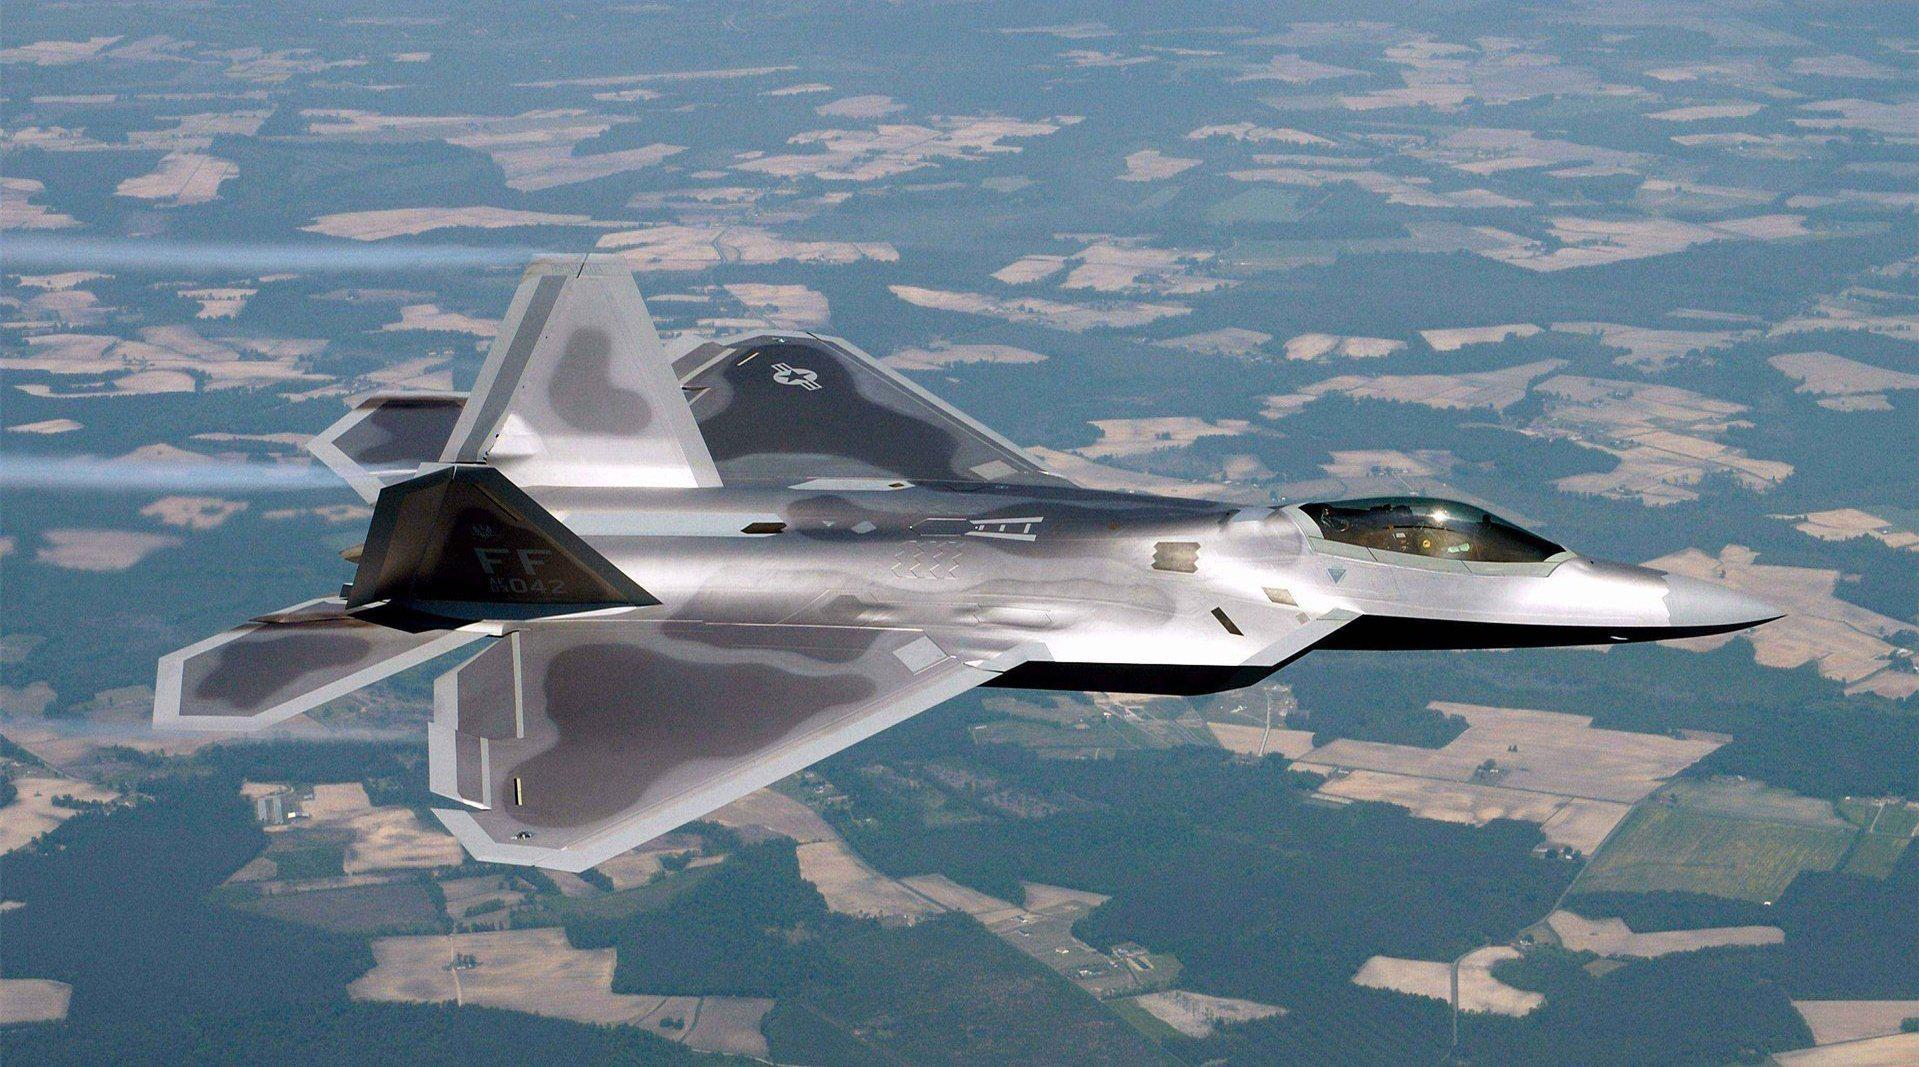 量子雷达使隐身战机无处可逃,它真有这么厉害?